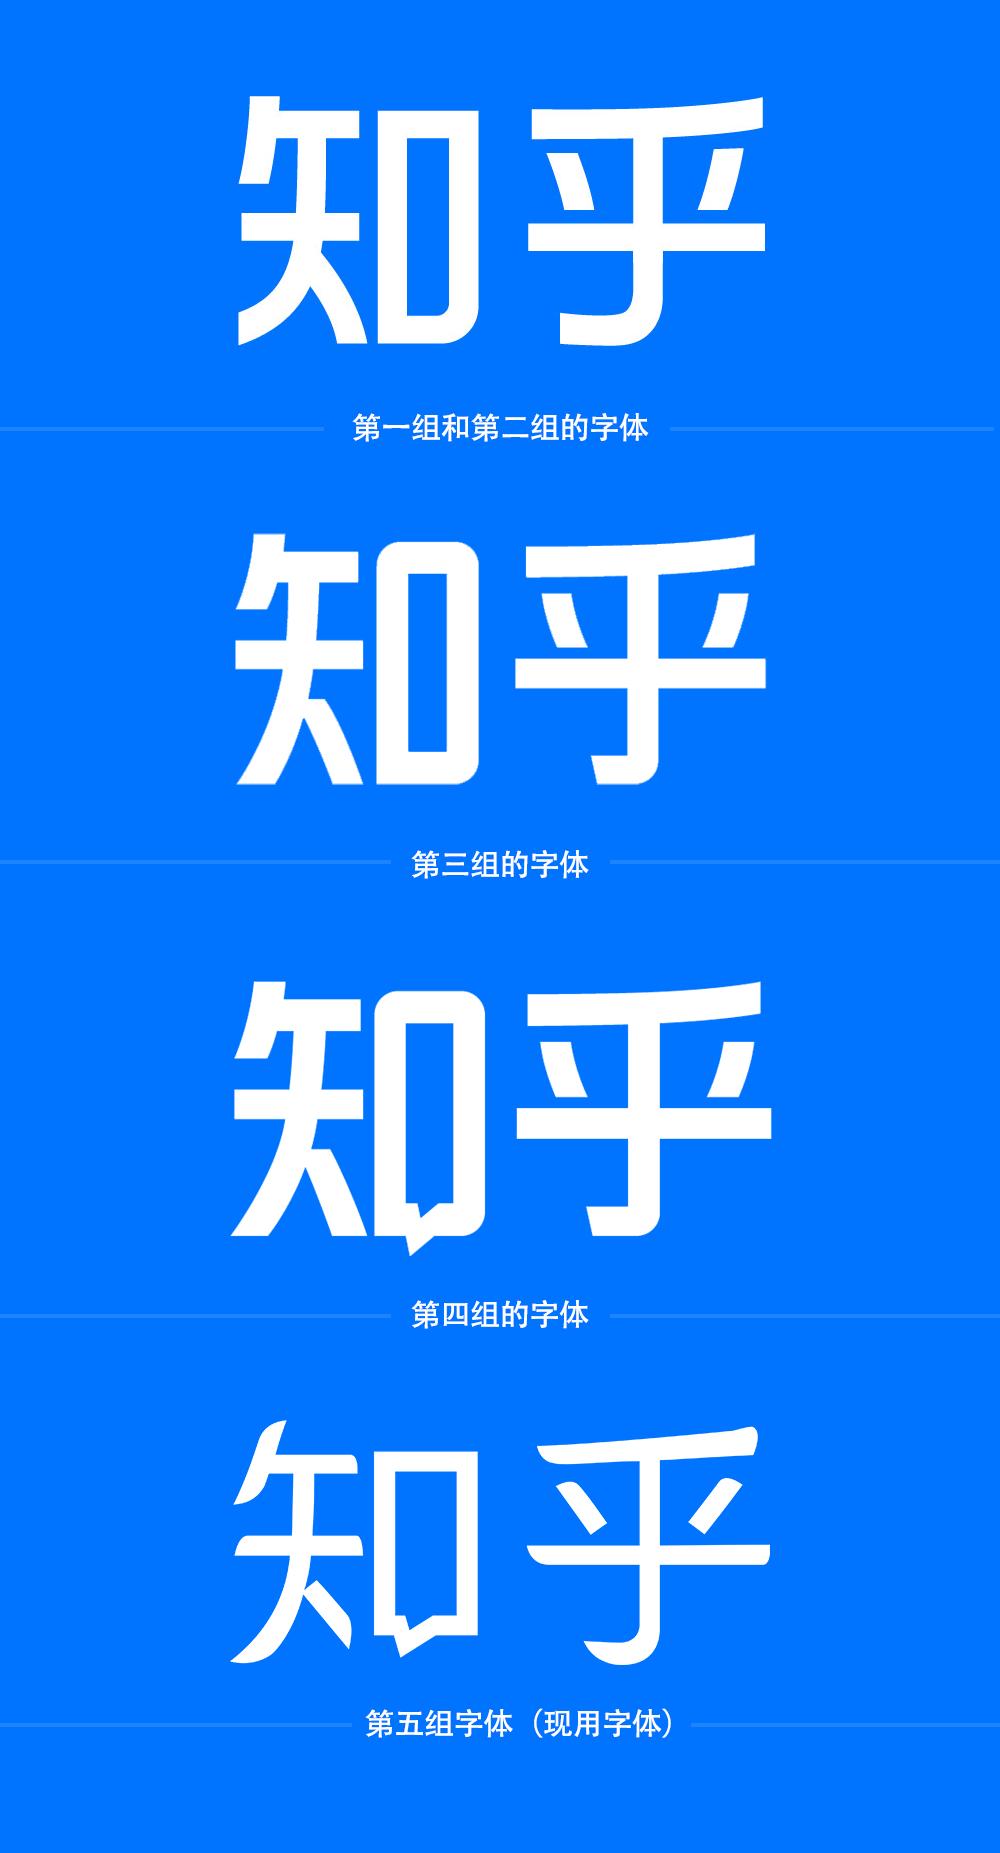 知乎设计五款新的品牌形象Logo方案征集网友意见-深圳VI设计5